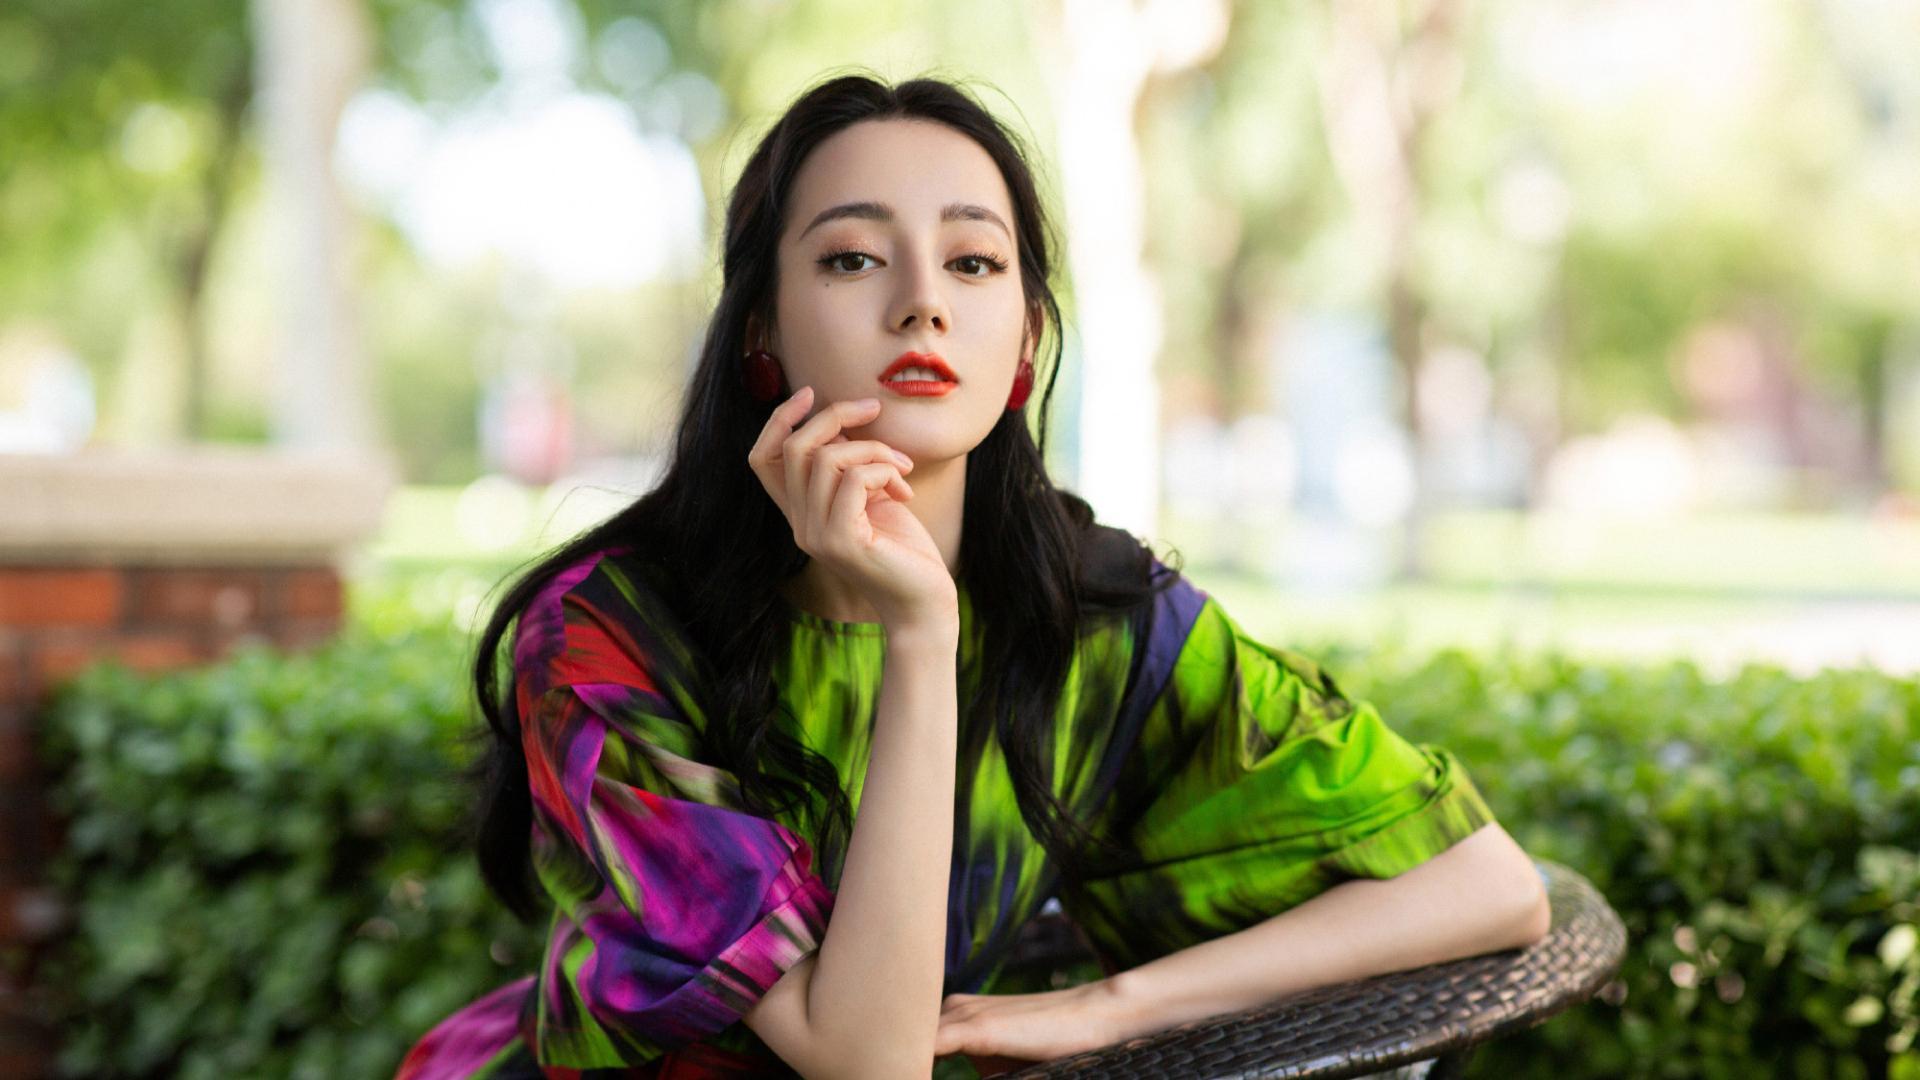 水到海外!迪丽热巴入围釜山电影节奖项提名,与多位视影后竞争